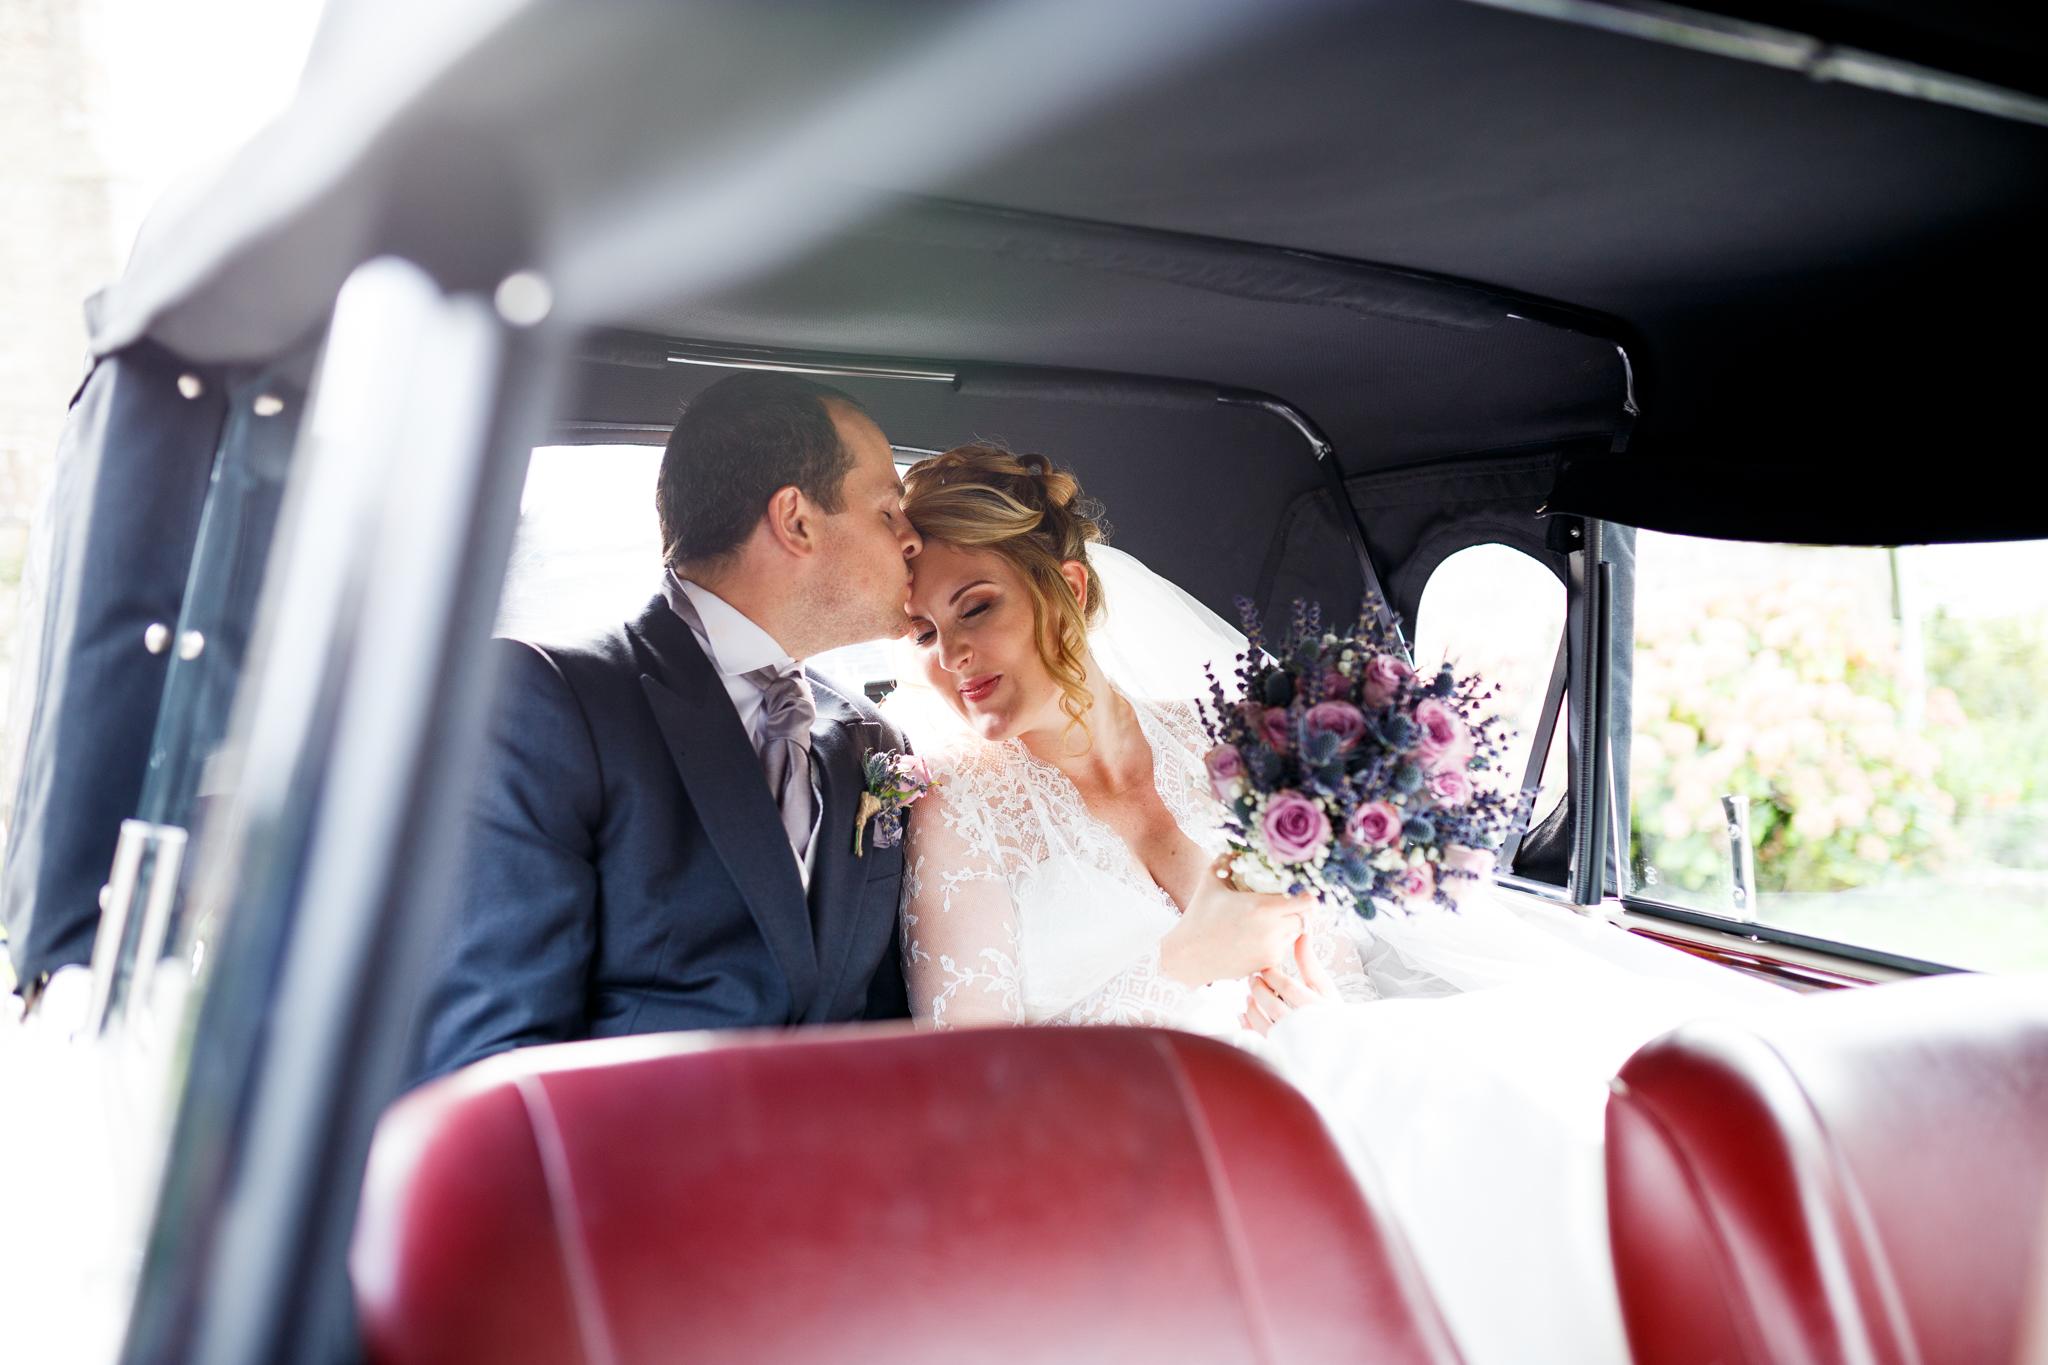 Simon_Rawling_Wedding_Photography-476.jpg